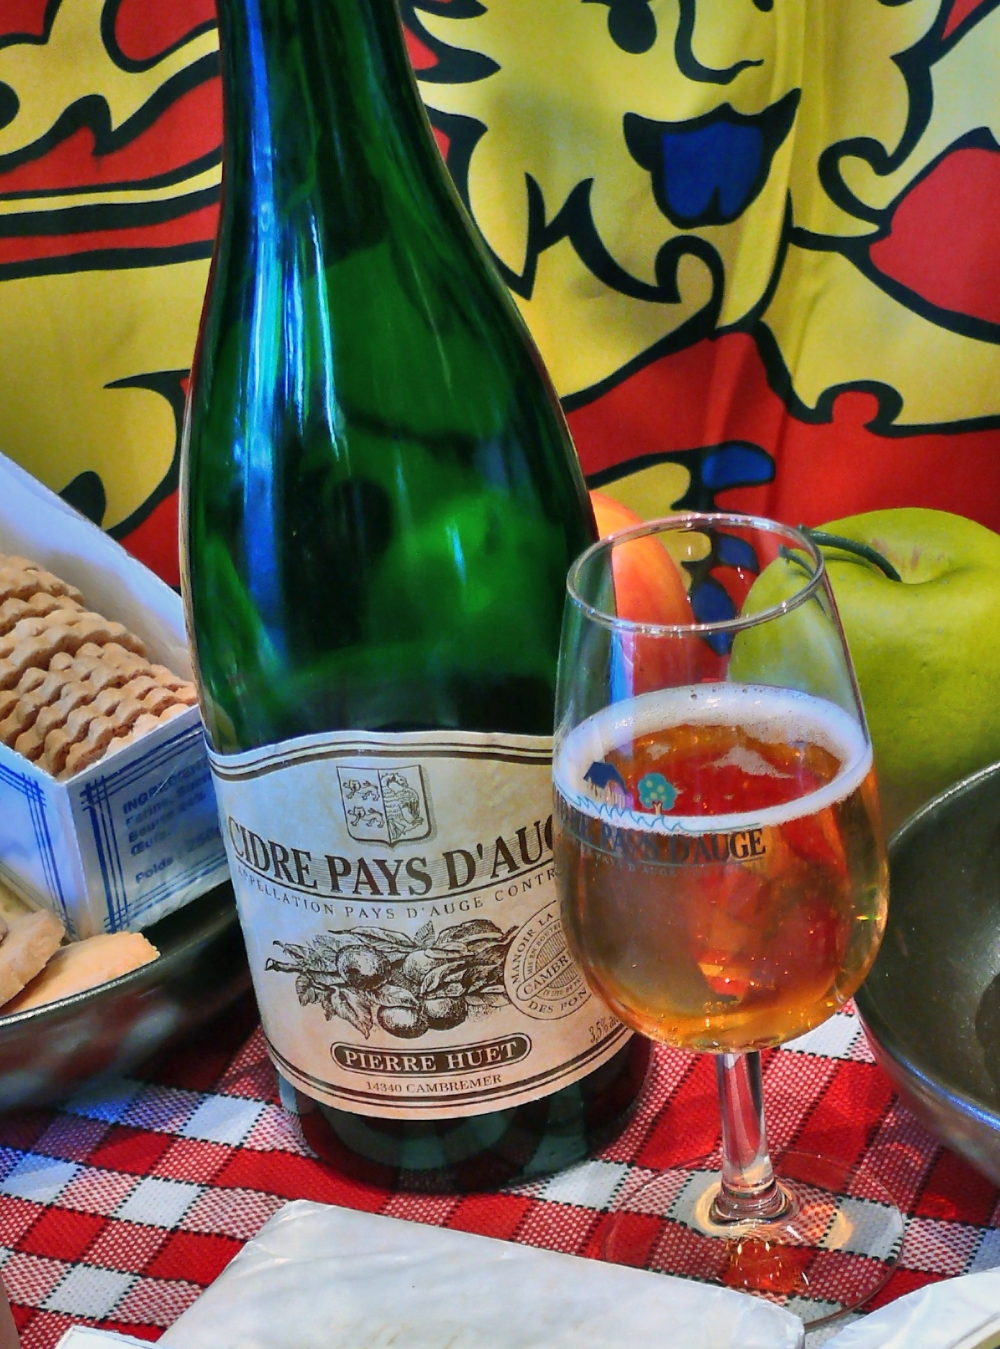 calvados-fromage02-produits-gastronomie3-bouteille-calvados-tourisme-libre-e1537284702461.jpg